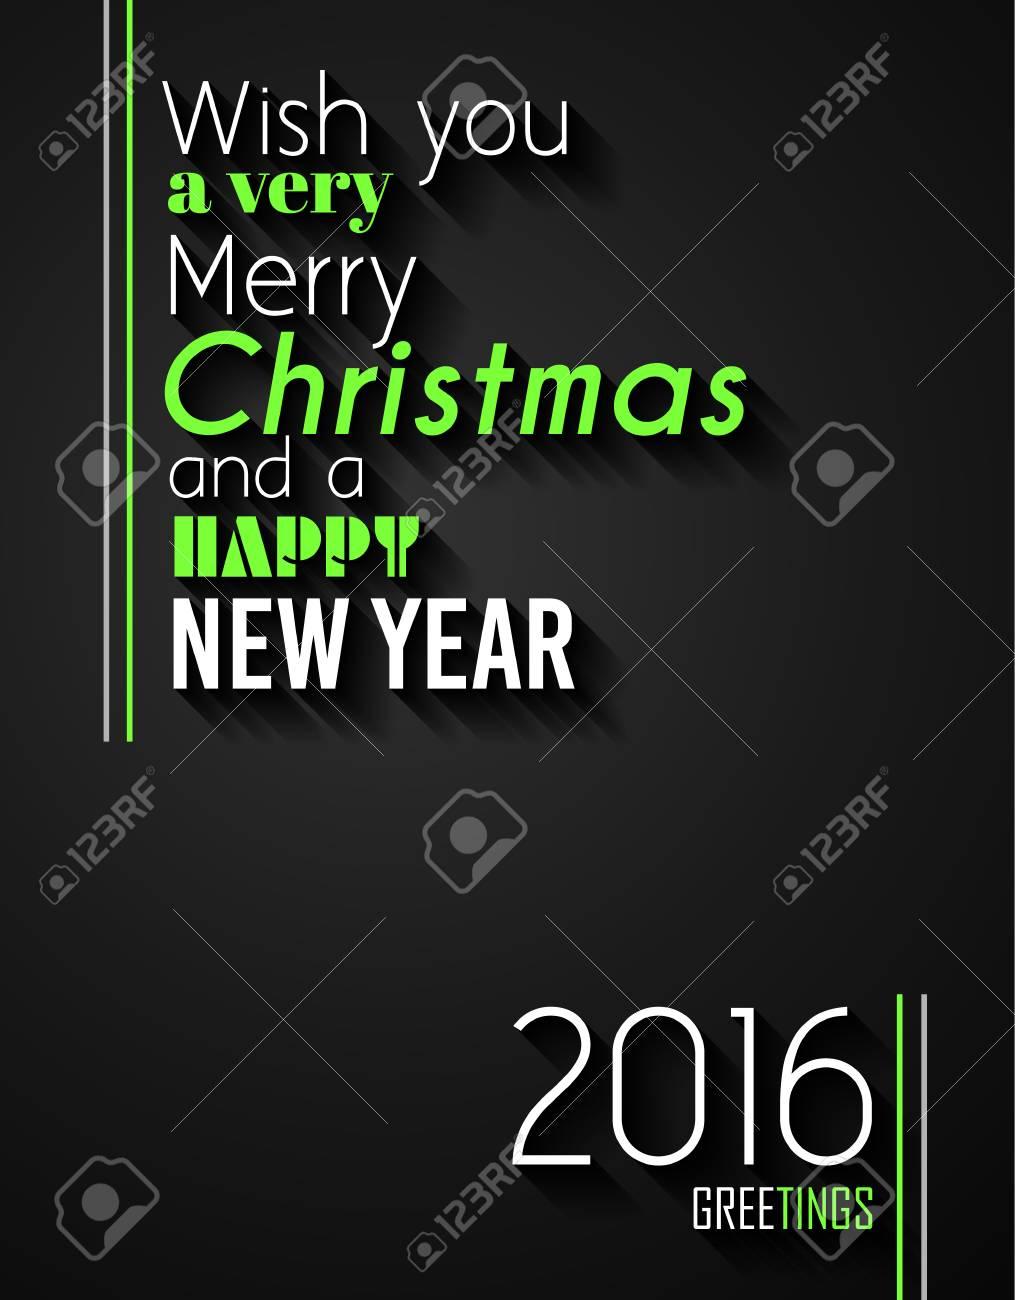 Hintergrundbilder Frohe Weihnachten.Stock Photo